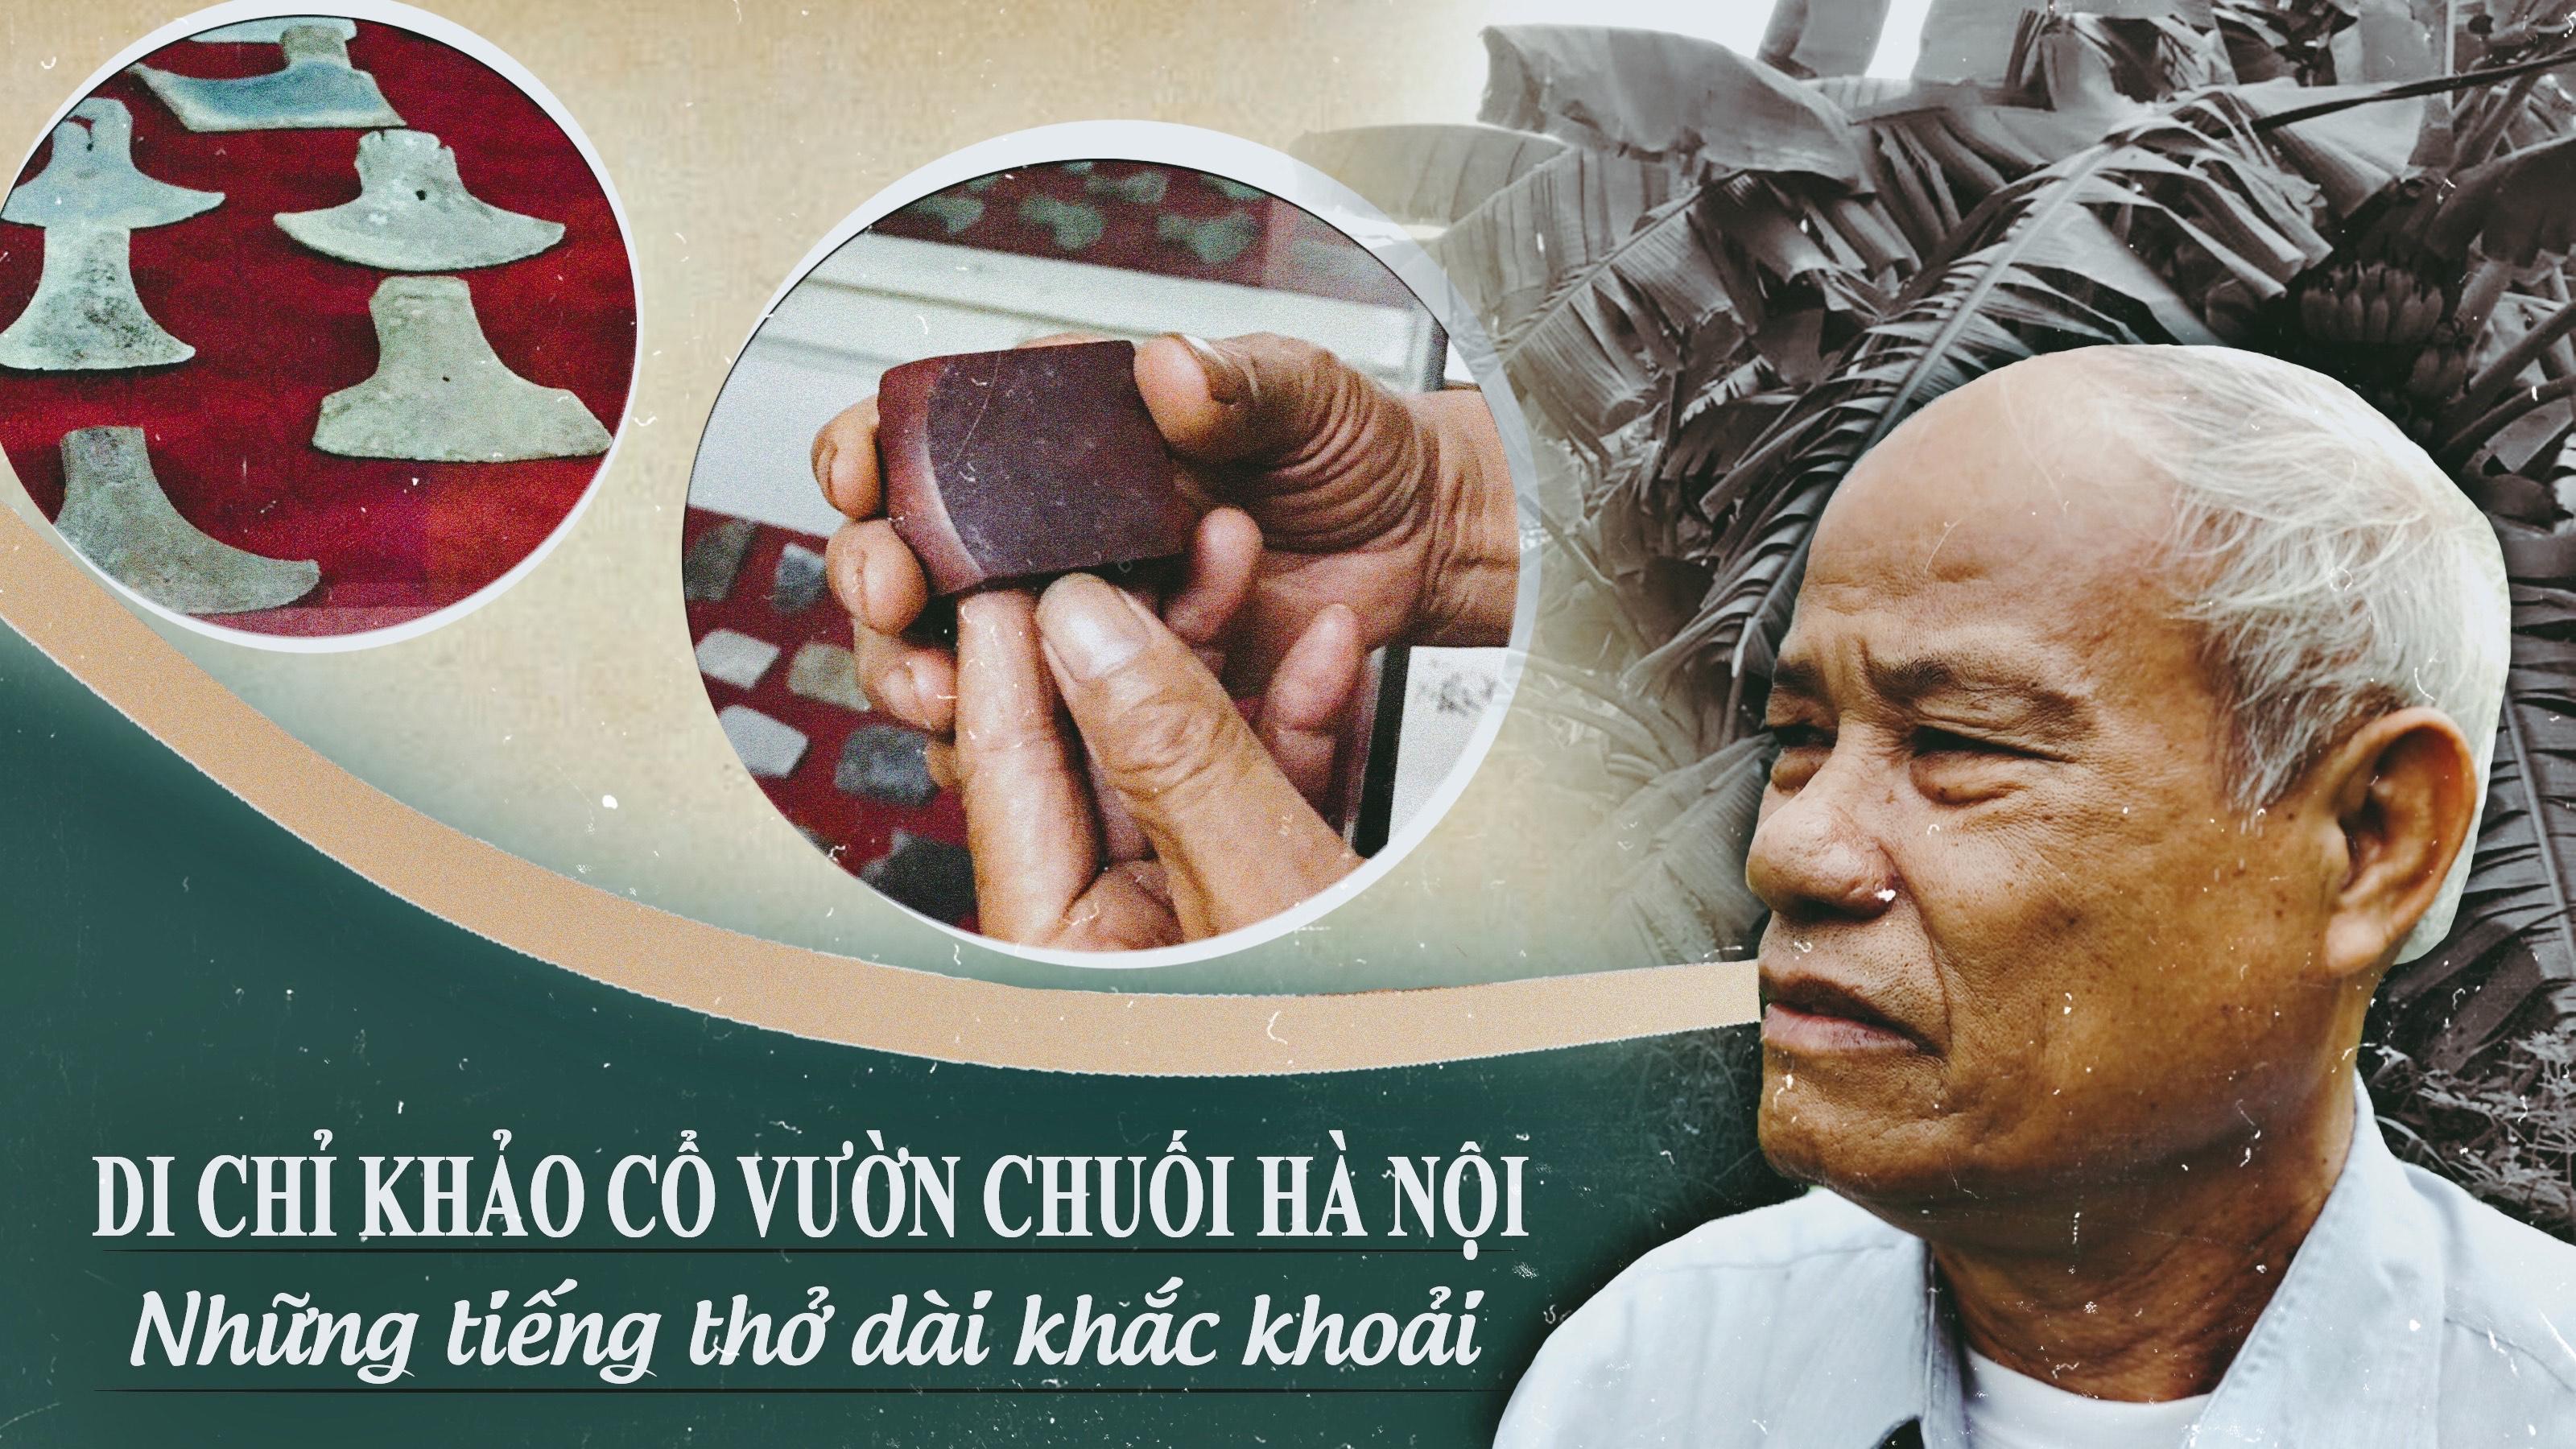 Di chỉ khảo cổ Vườn Chuối Hà Nội: Những tiếng thở dài khắc khoải